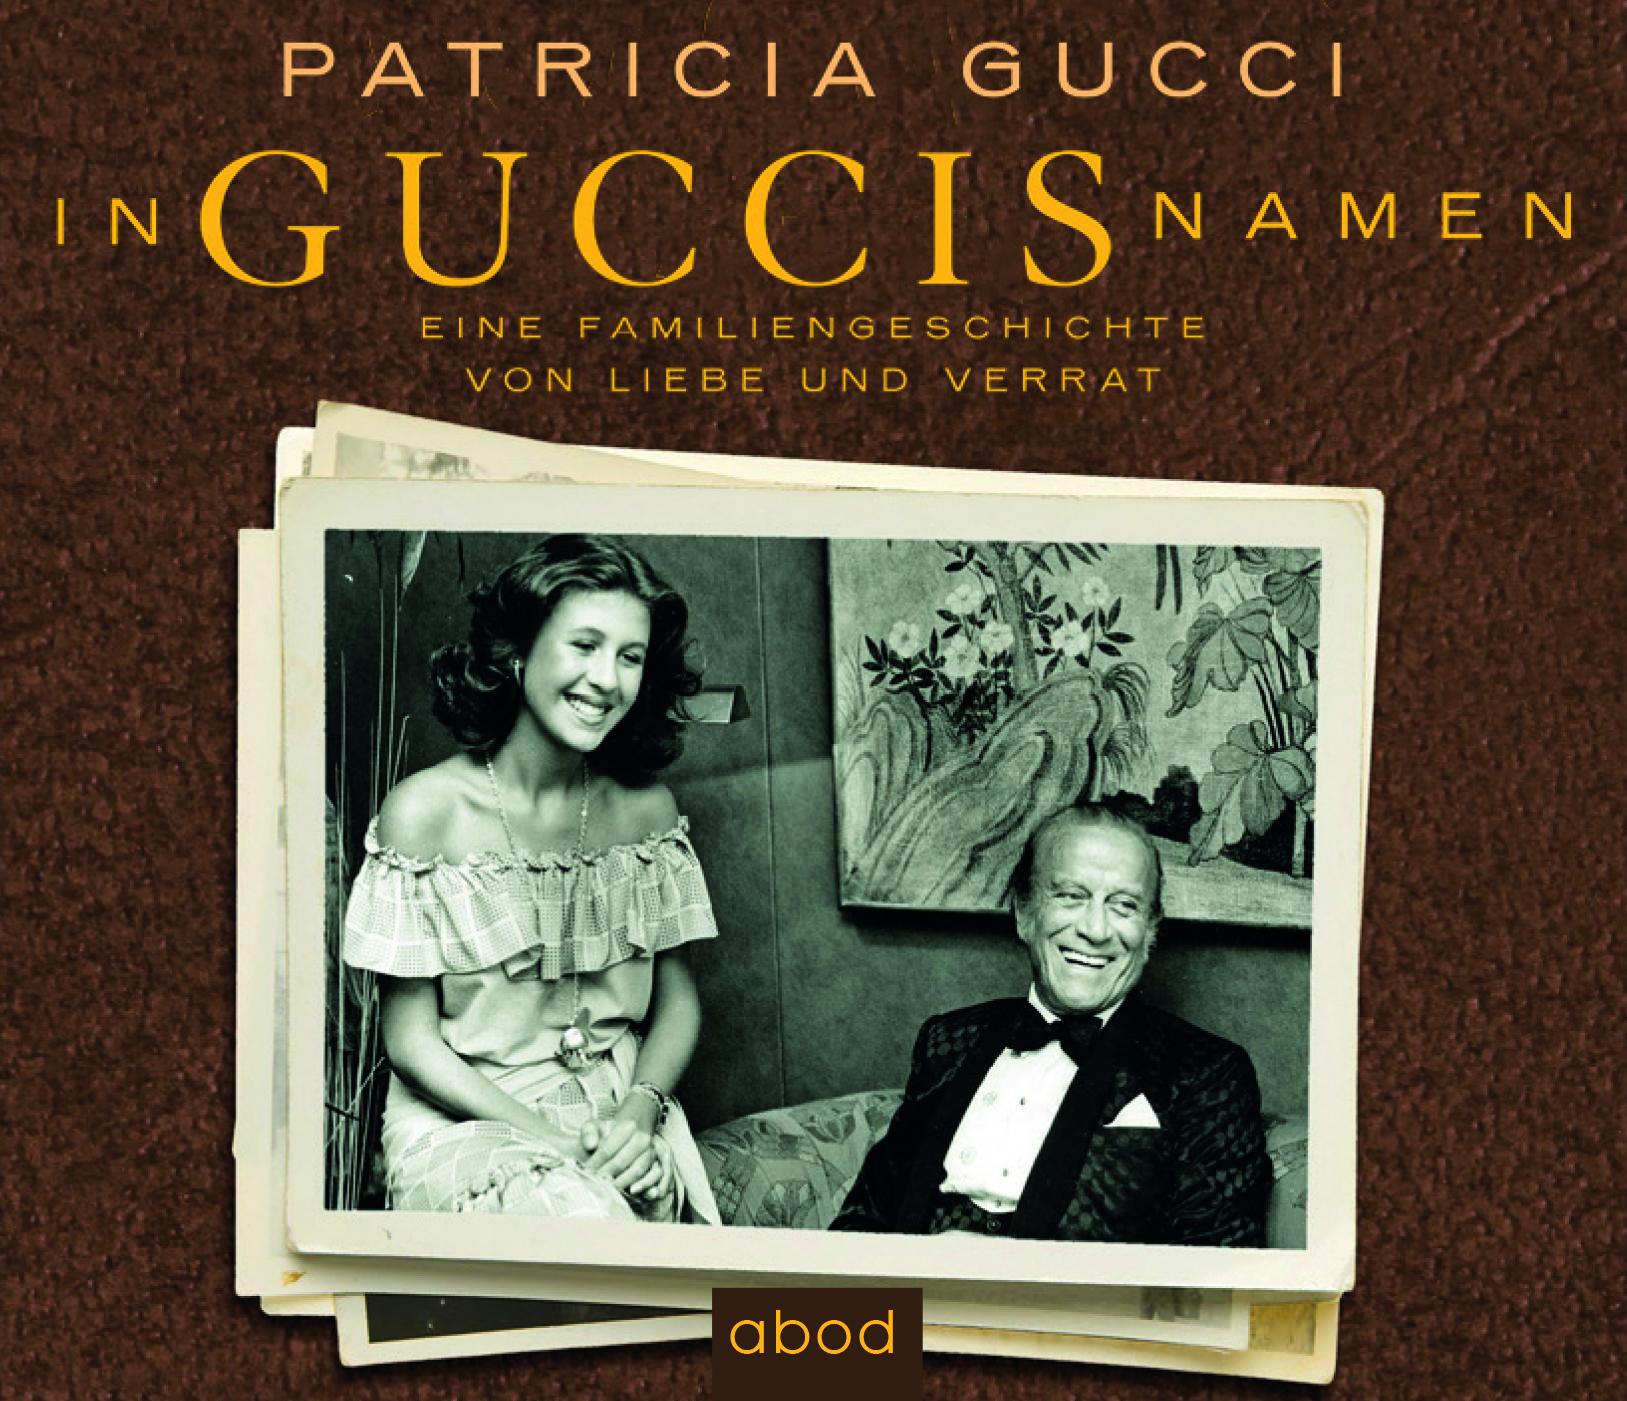 Patricia-Gucci-In-Guccis-Namen-1-MP3-CD-9783954715039